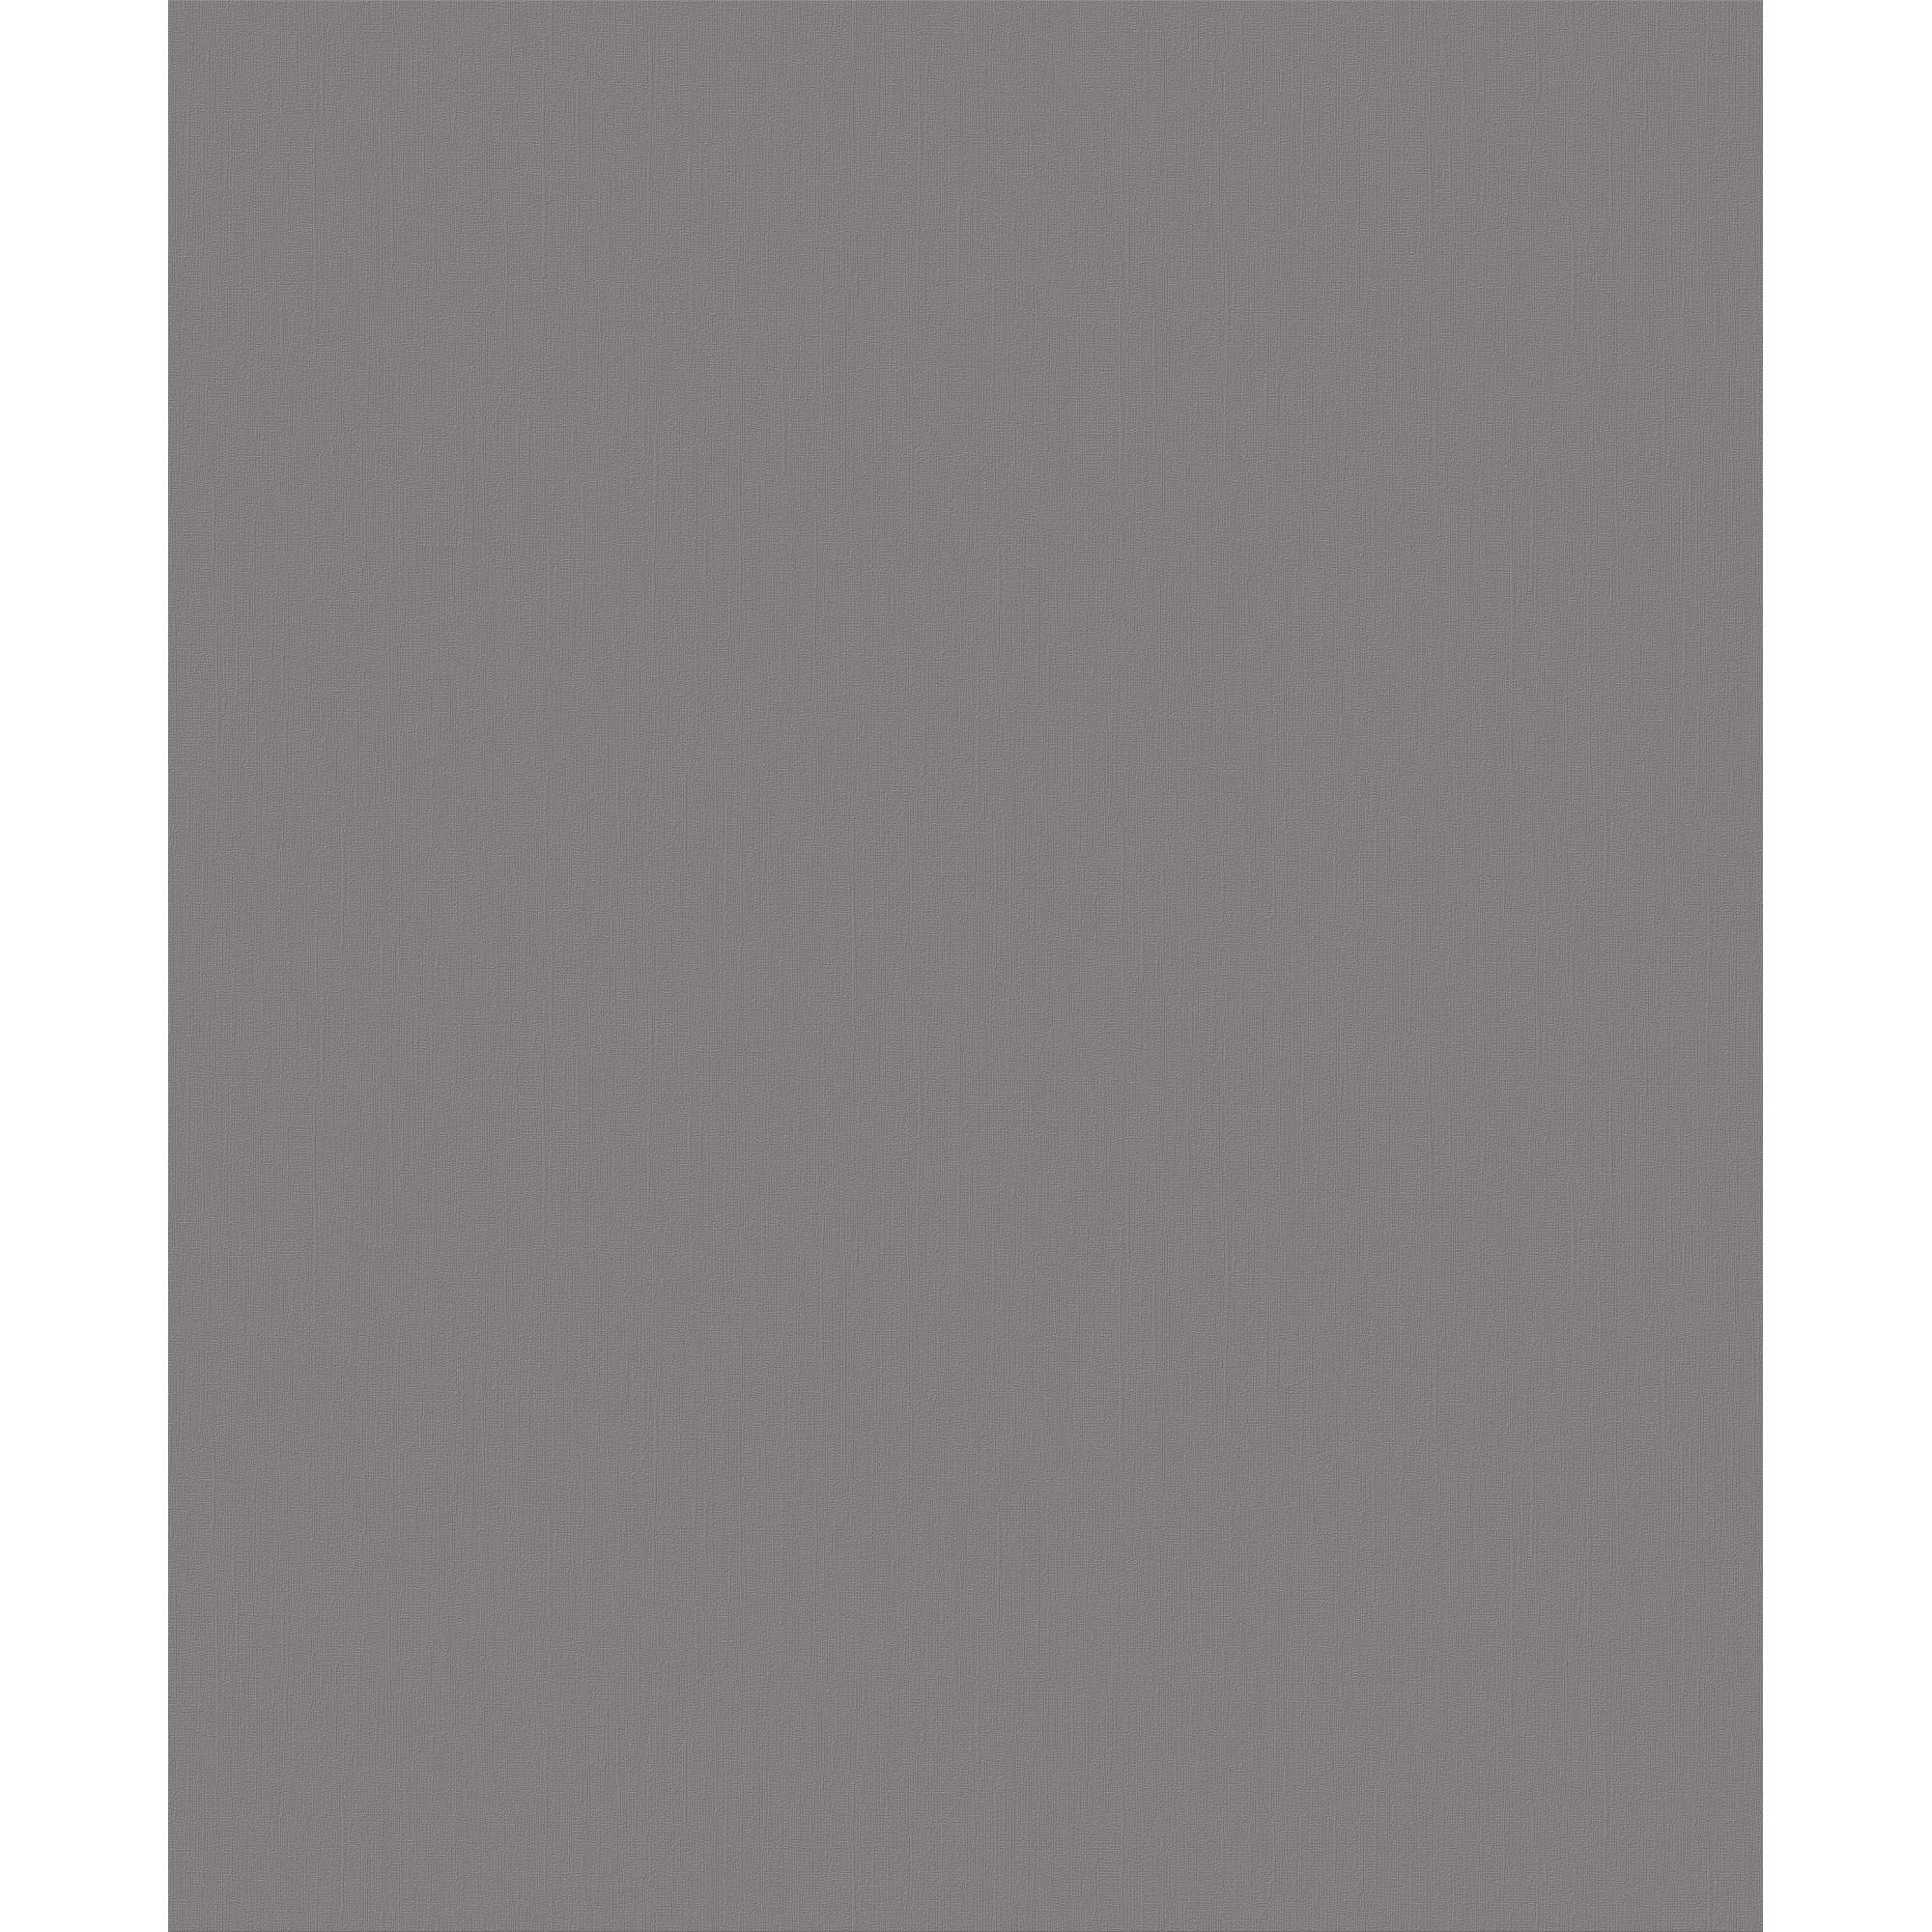 Papel de Parede 53cm x 10m PVC Texturizado Ewiniar 1557 - Jolie